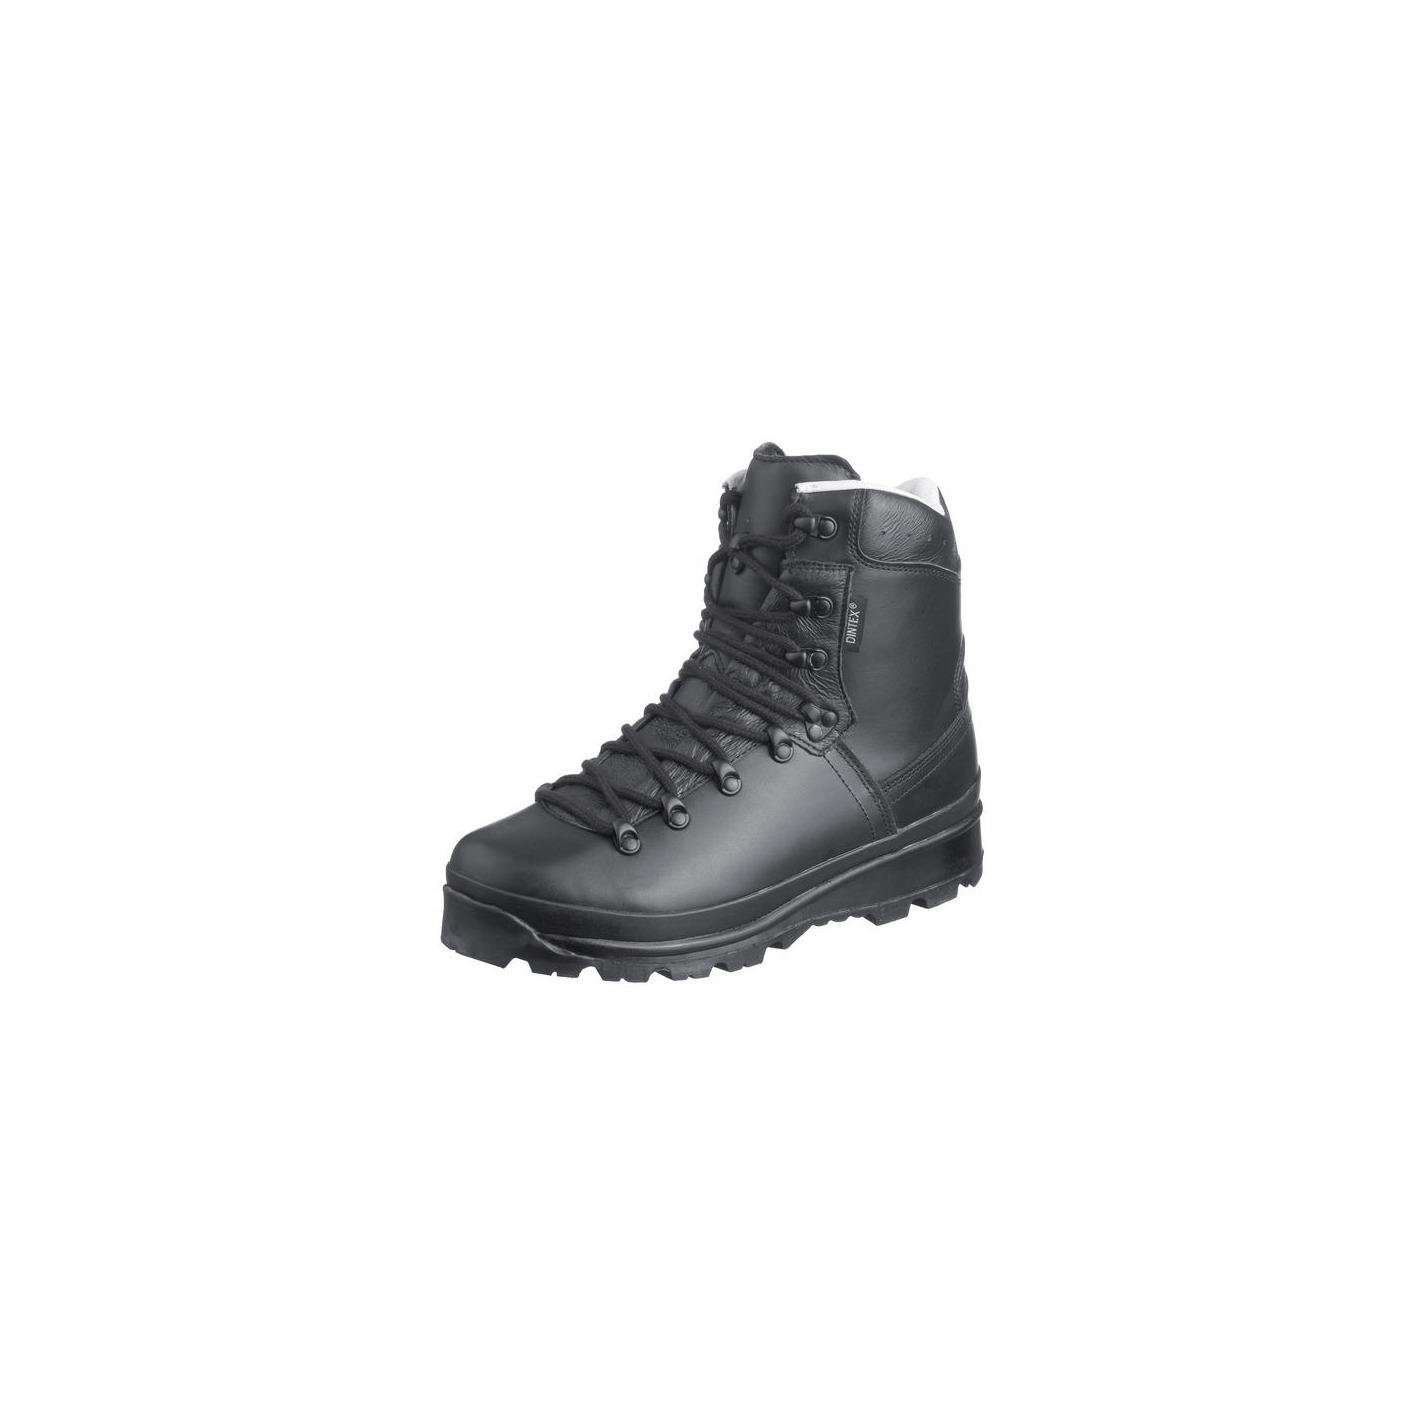 27a0a5197ea1 Pánske Čierne Topánky Valor. Loading zoom